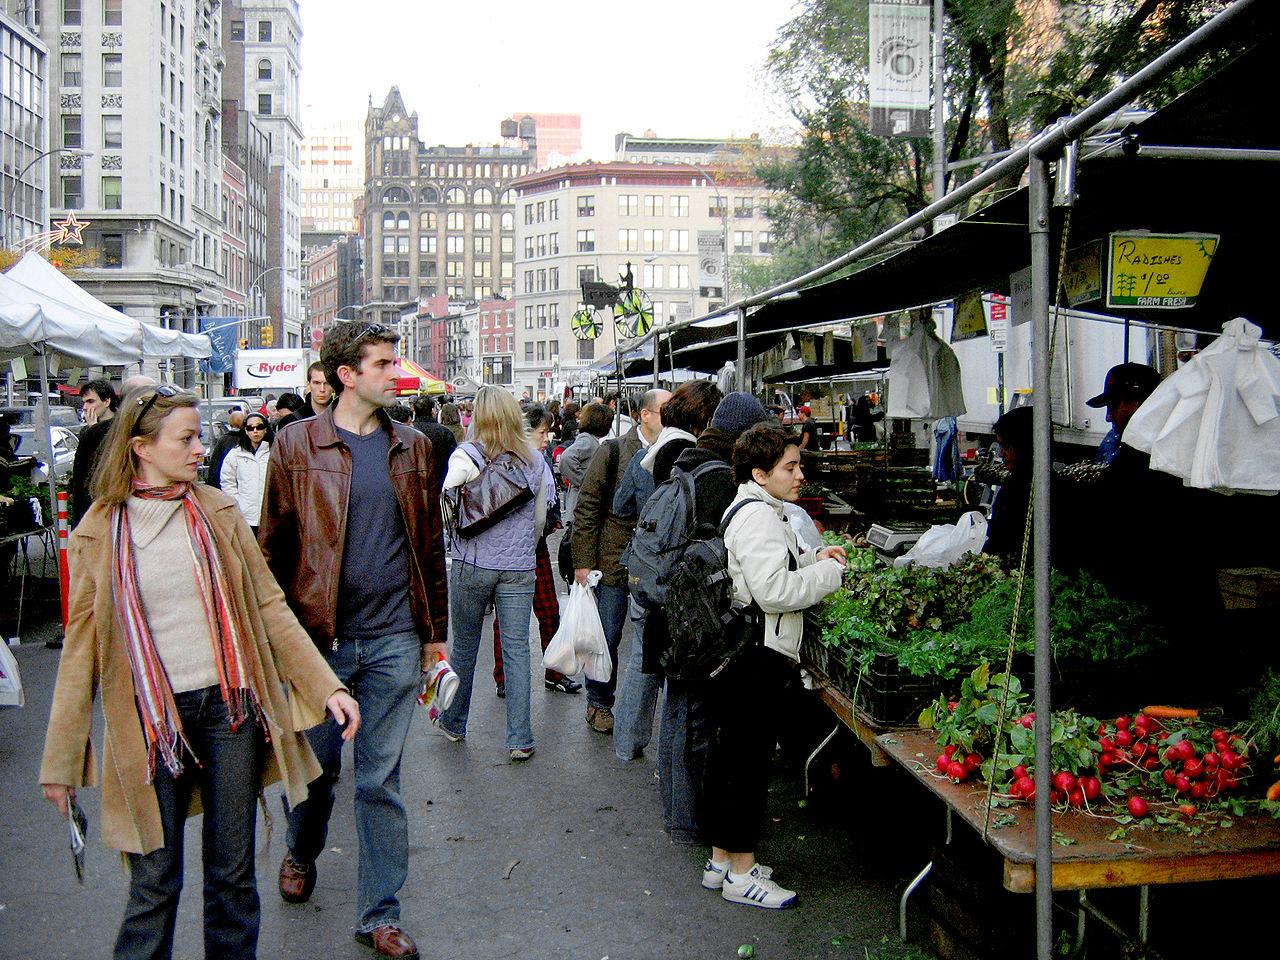 Restaurant Republic Nyc Union Square